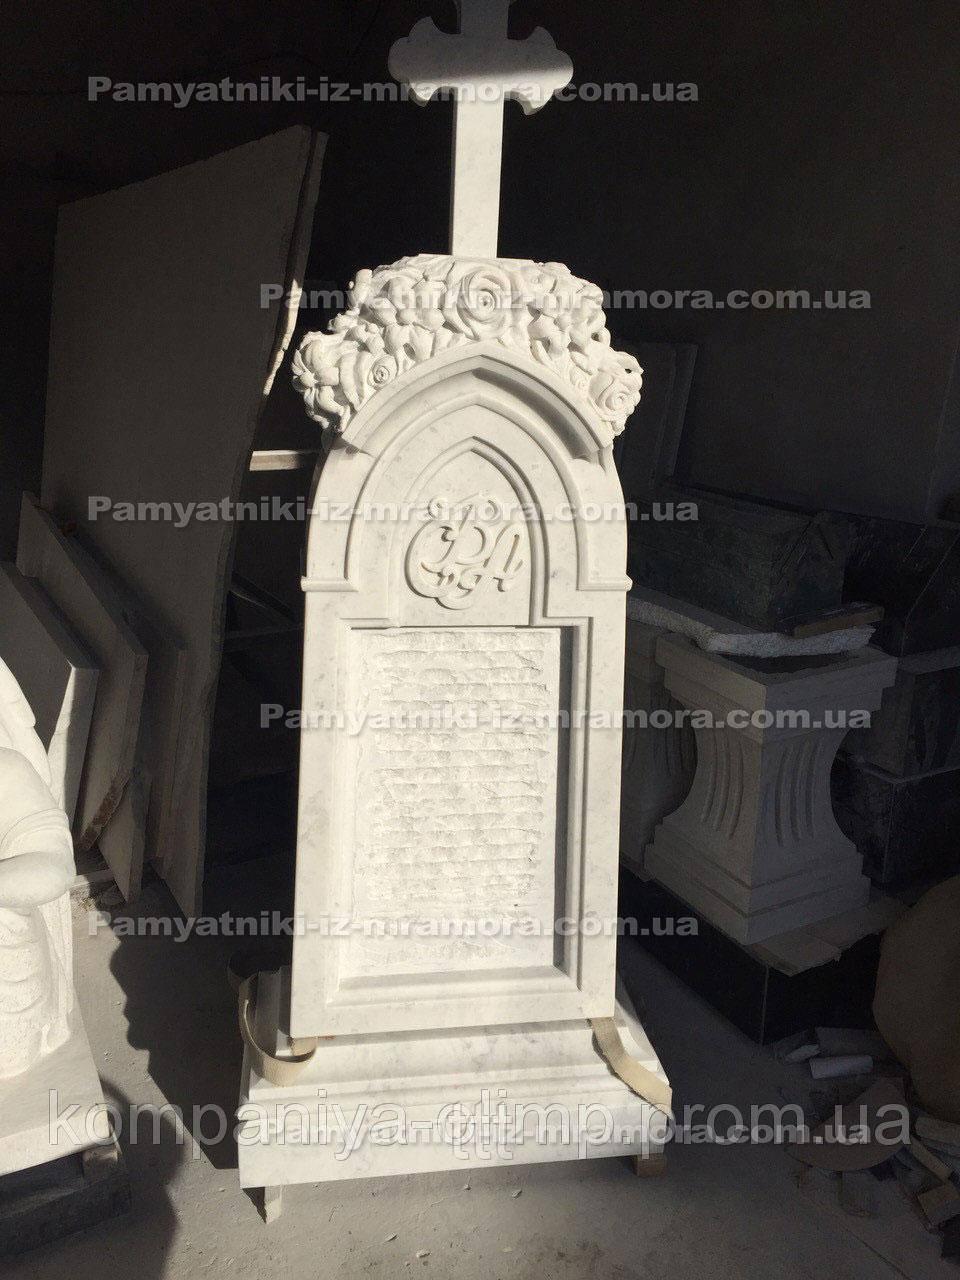 Памятник из мрамора с резными розами №36